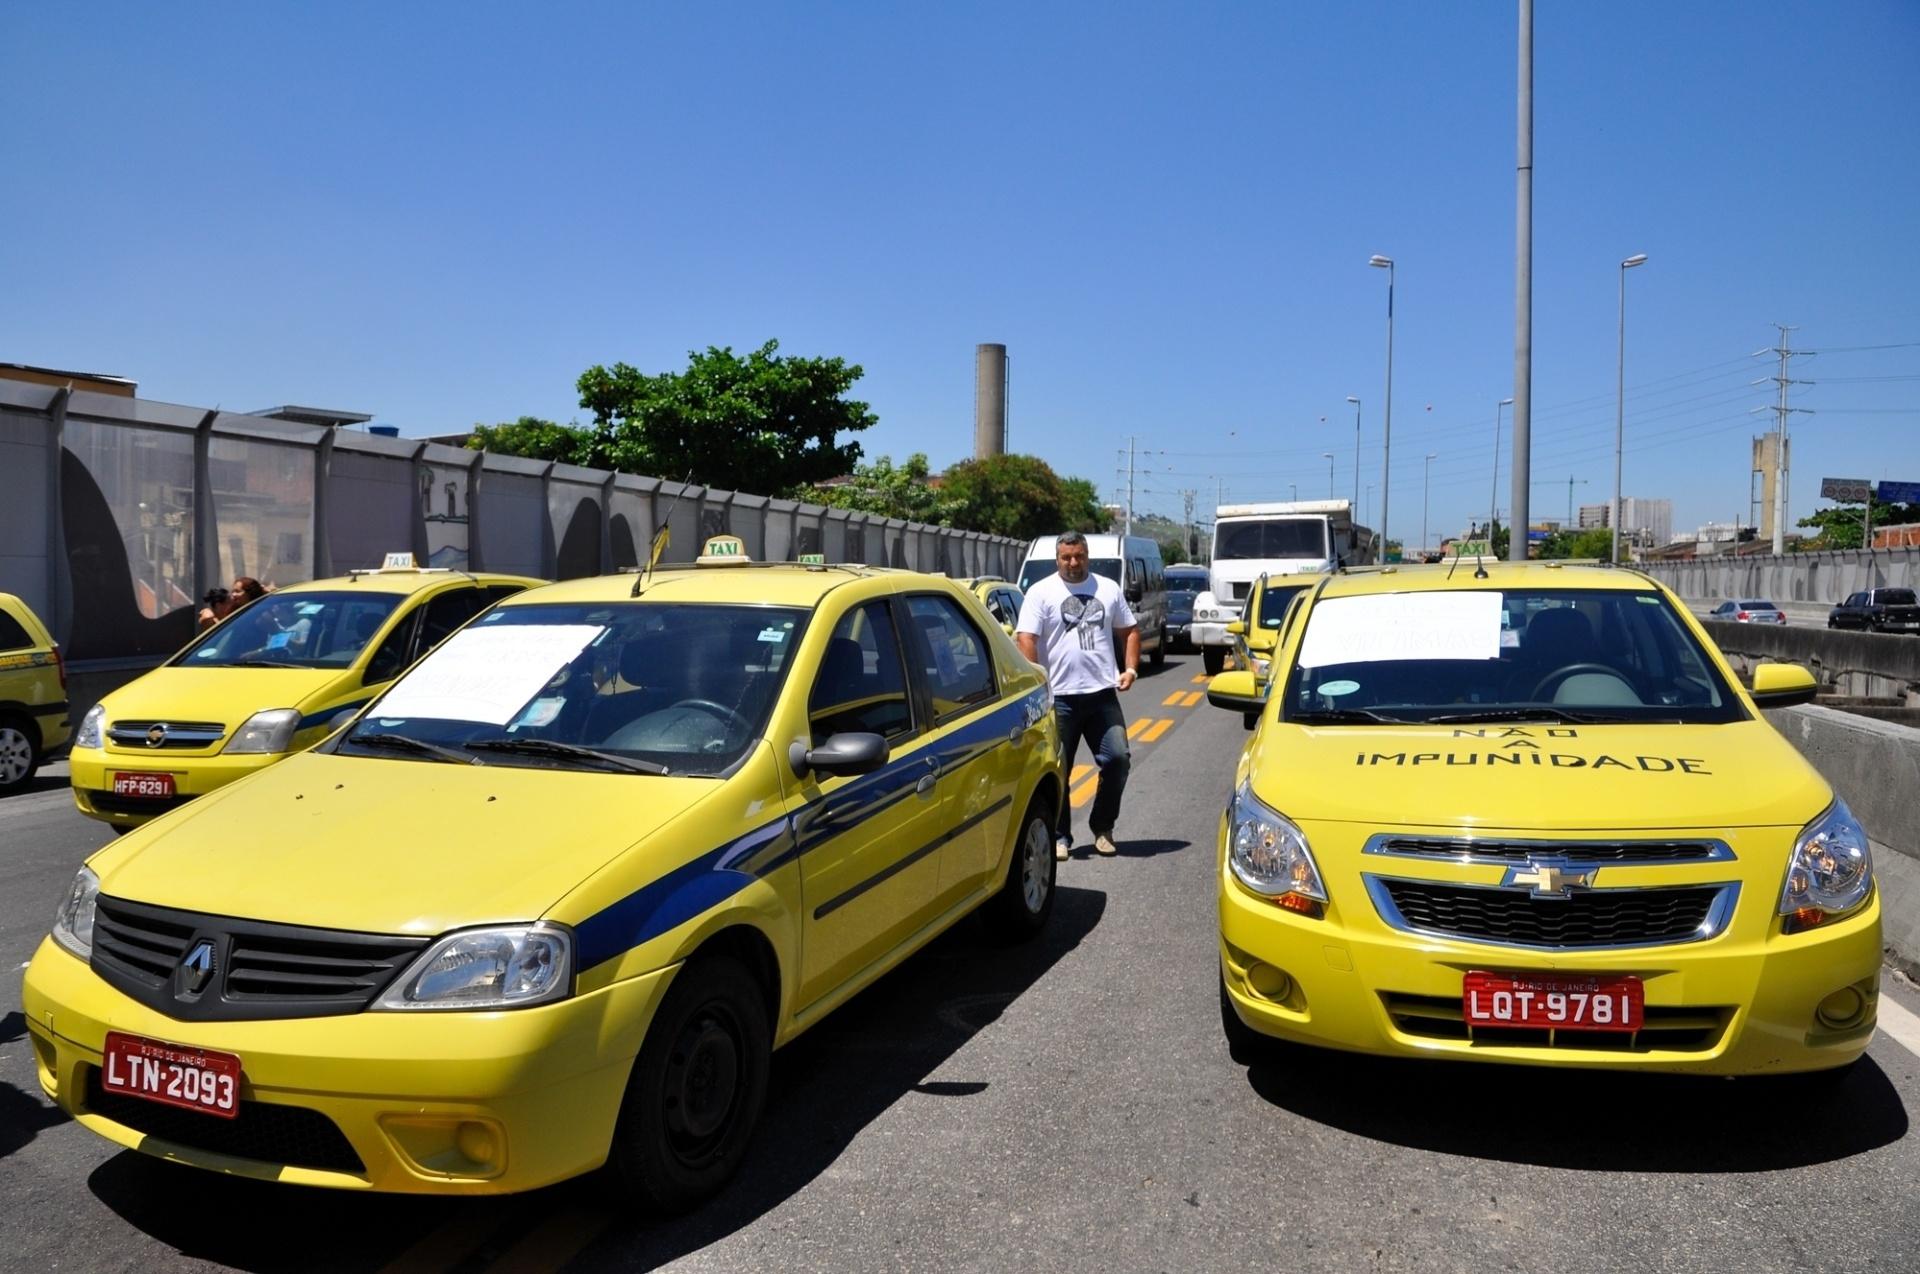 29.jan.2014 - Grupo de taxistas interditou, na tarde desta quarta-feira, a pista sentido zona oeste da Linha Amarela, na zona norte do Rio, no ponto em que um caminhão derrubou uma passarela, na manhã de terça-feira (28), provocando a morte de cinco pessoas. Uma das vítimas era taxista